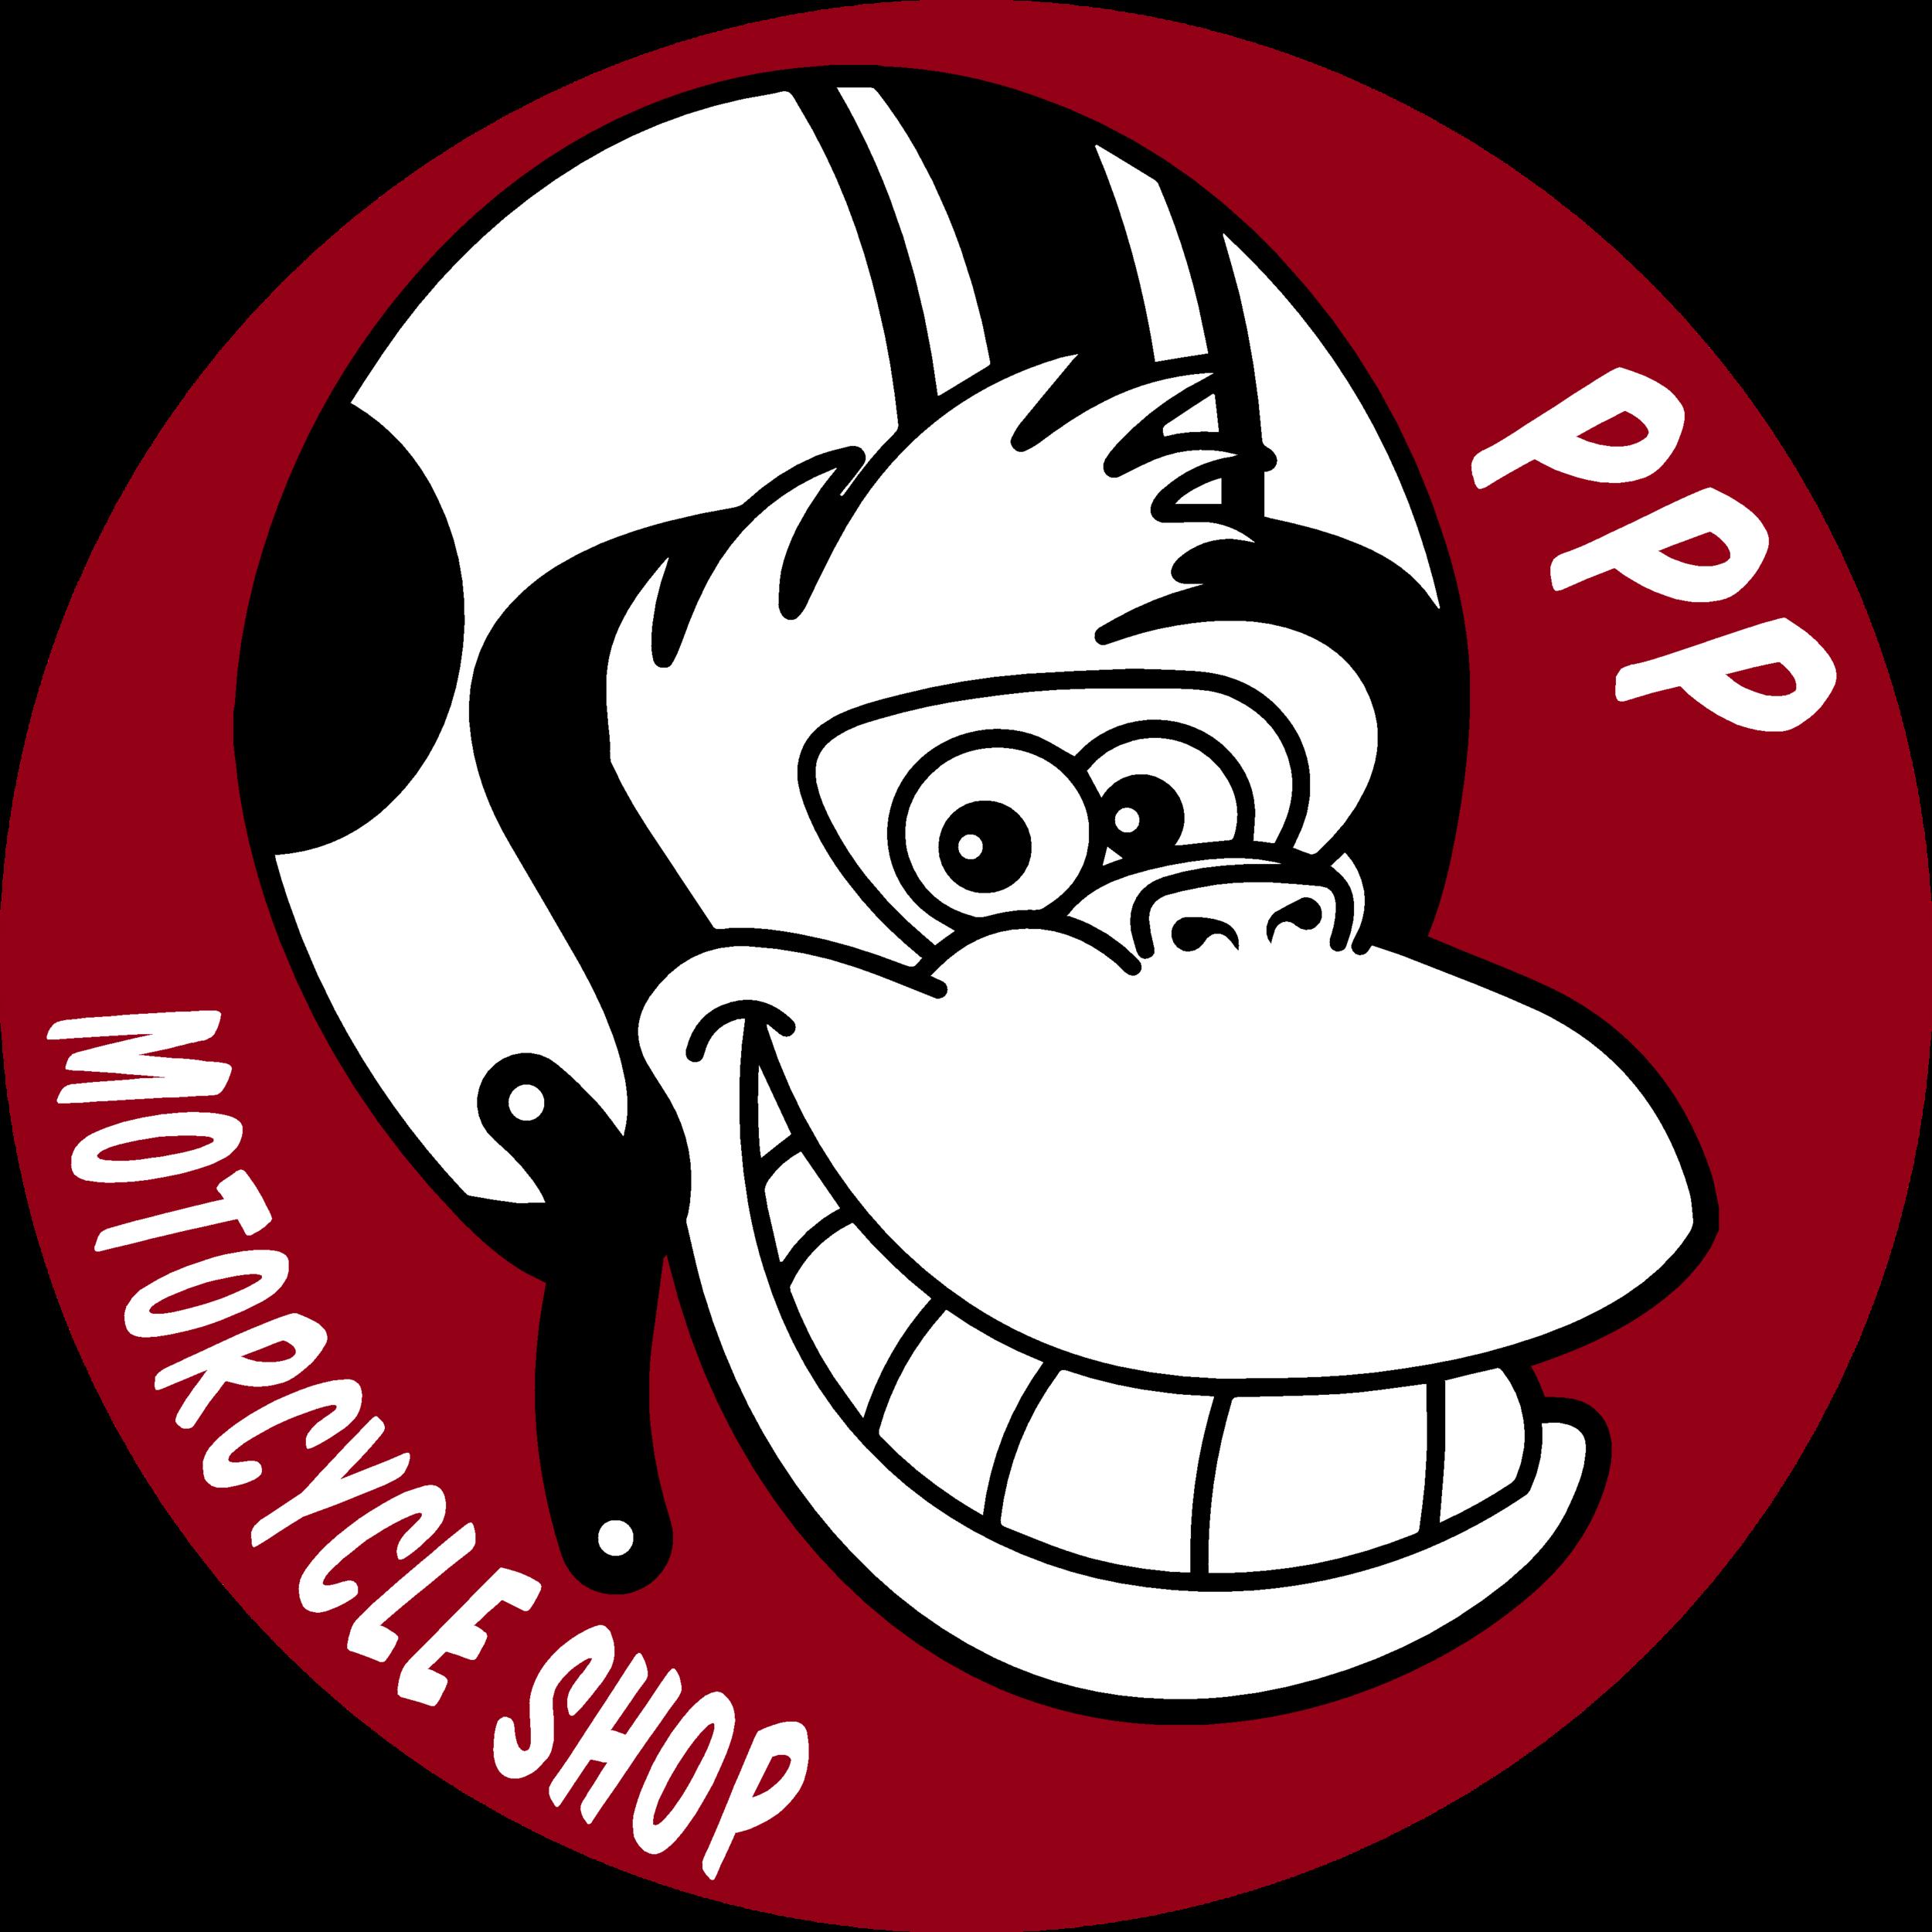 Helmet_Monkey_Logo_1 (1).png